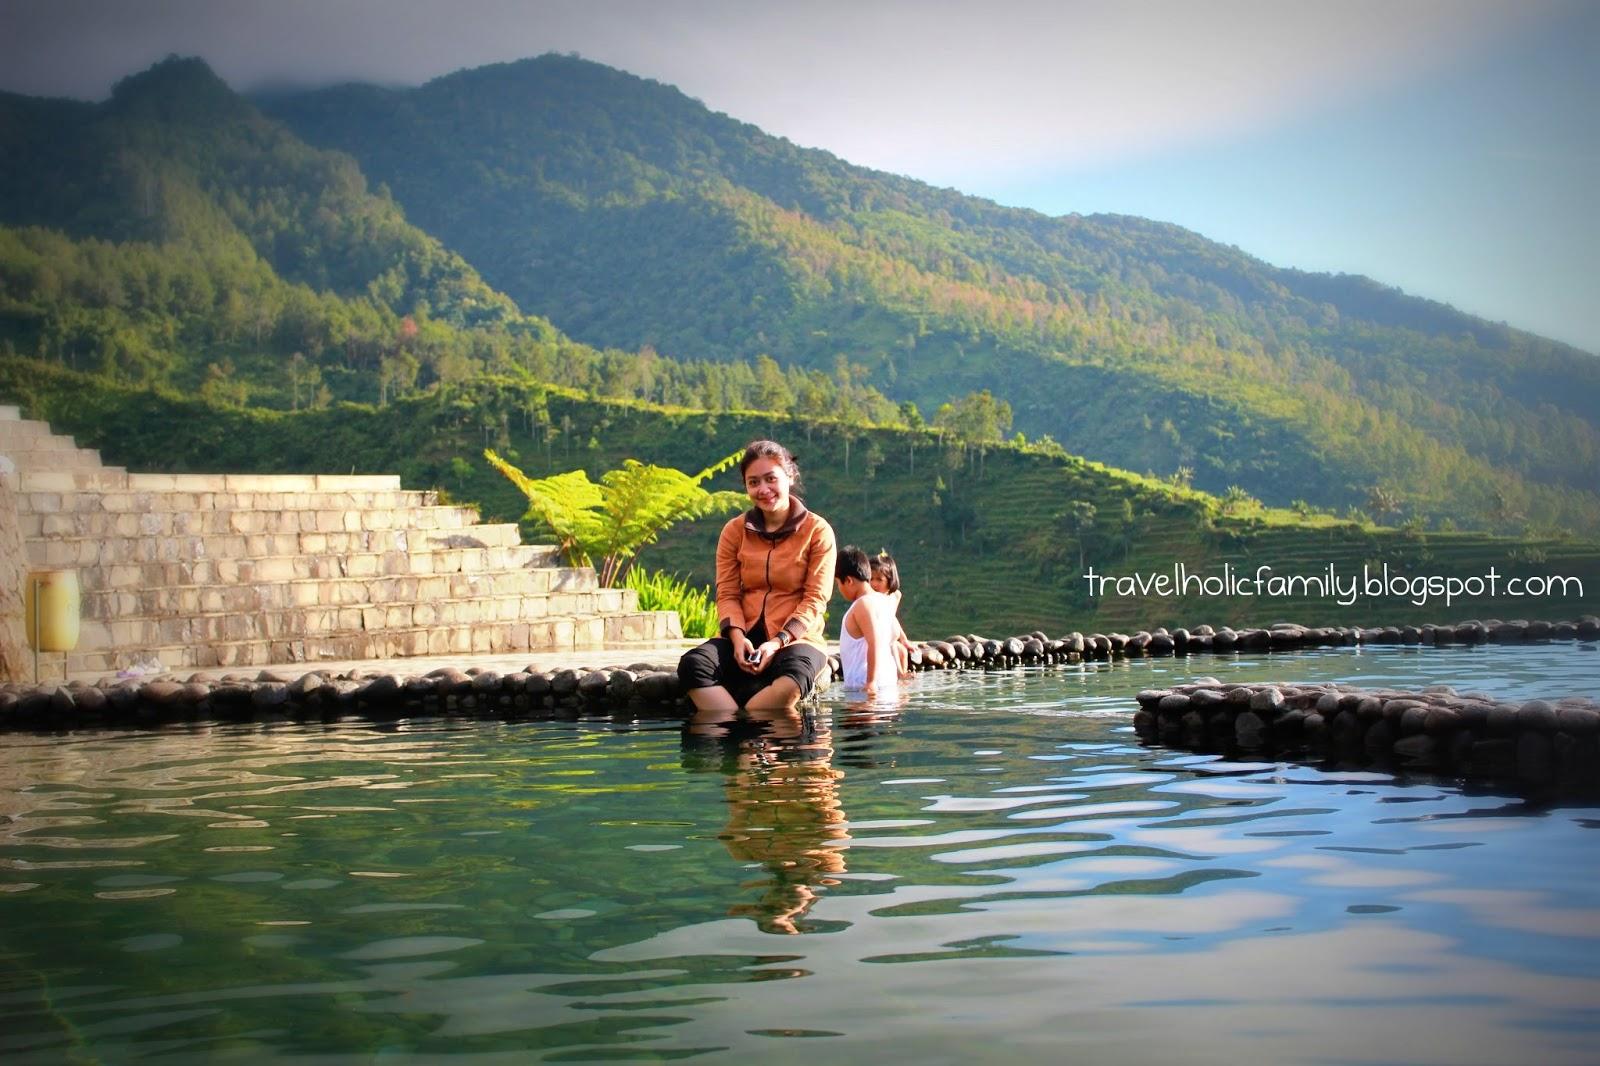 Obyek Wisata Ungaran Yang Tak Kalah Menarik dari Wisata Sekitarnya  Cakrawala International